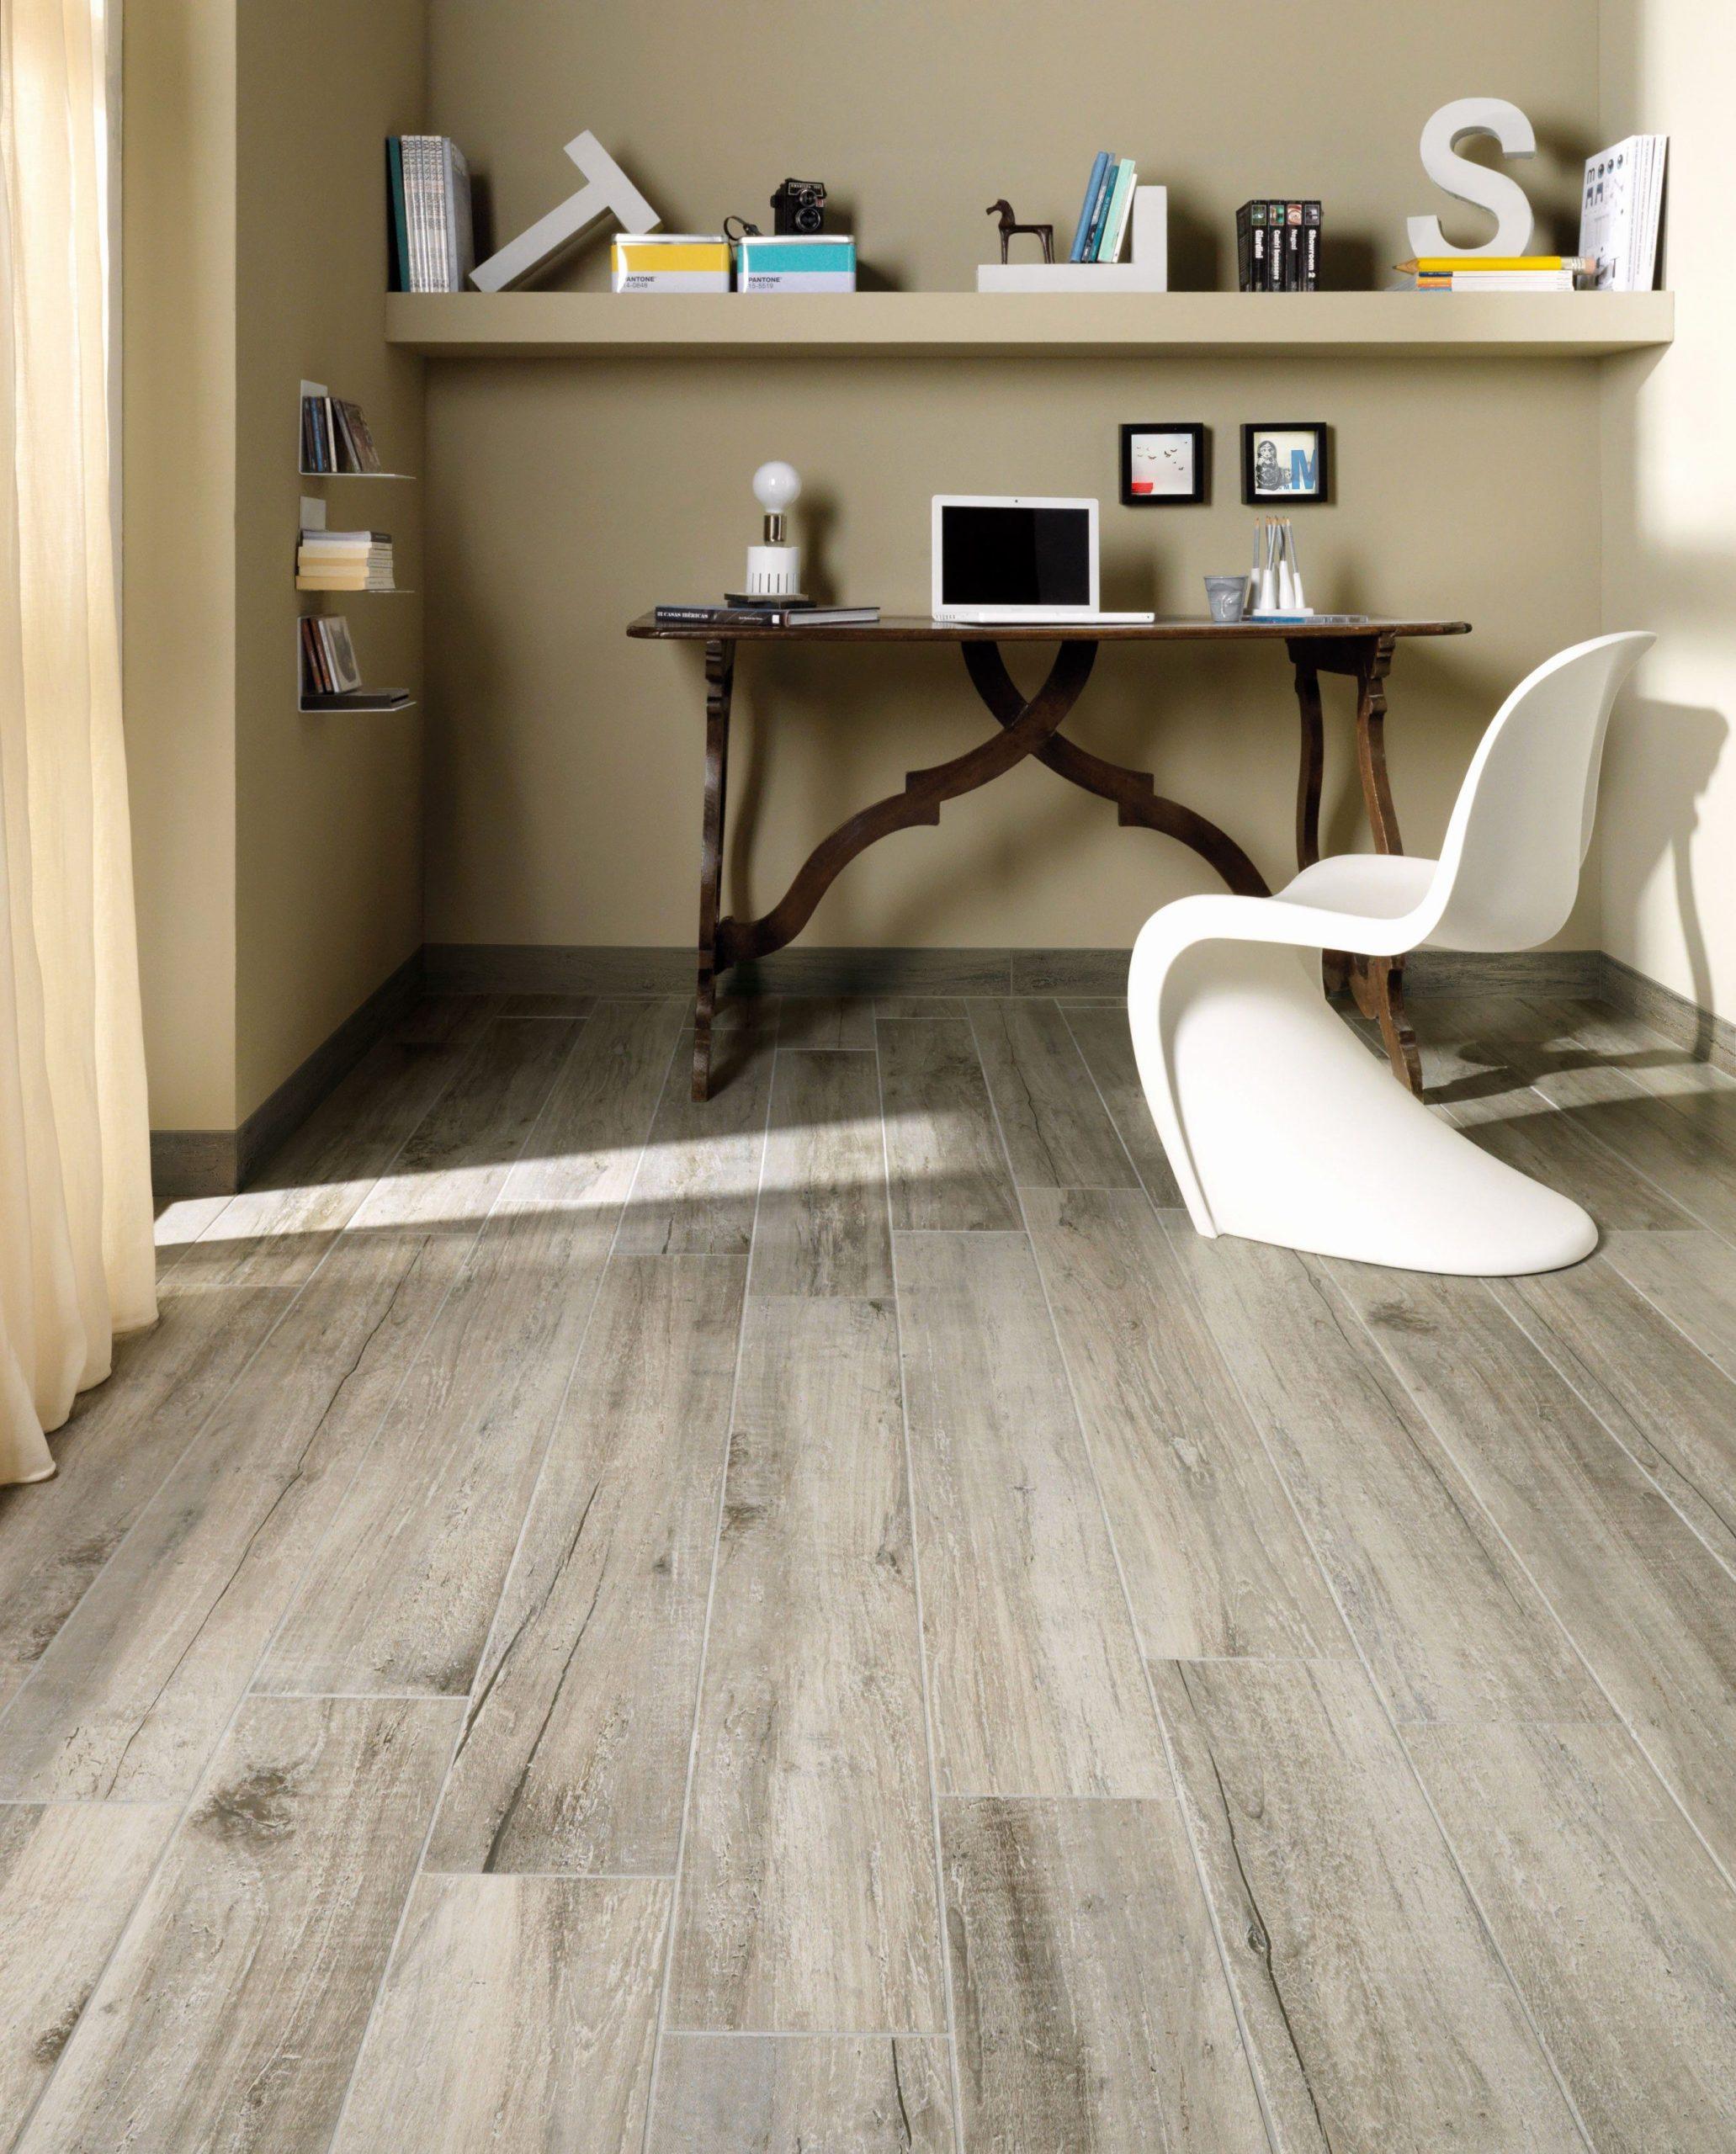 Elegant Linoleum Naturel Castorama   Wood Look Tile, Timber ... dedans Lino Imitation Parquet Castorama